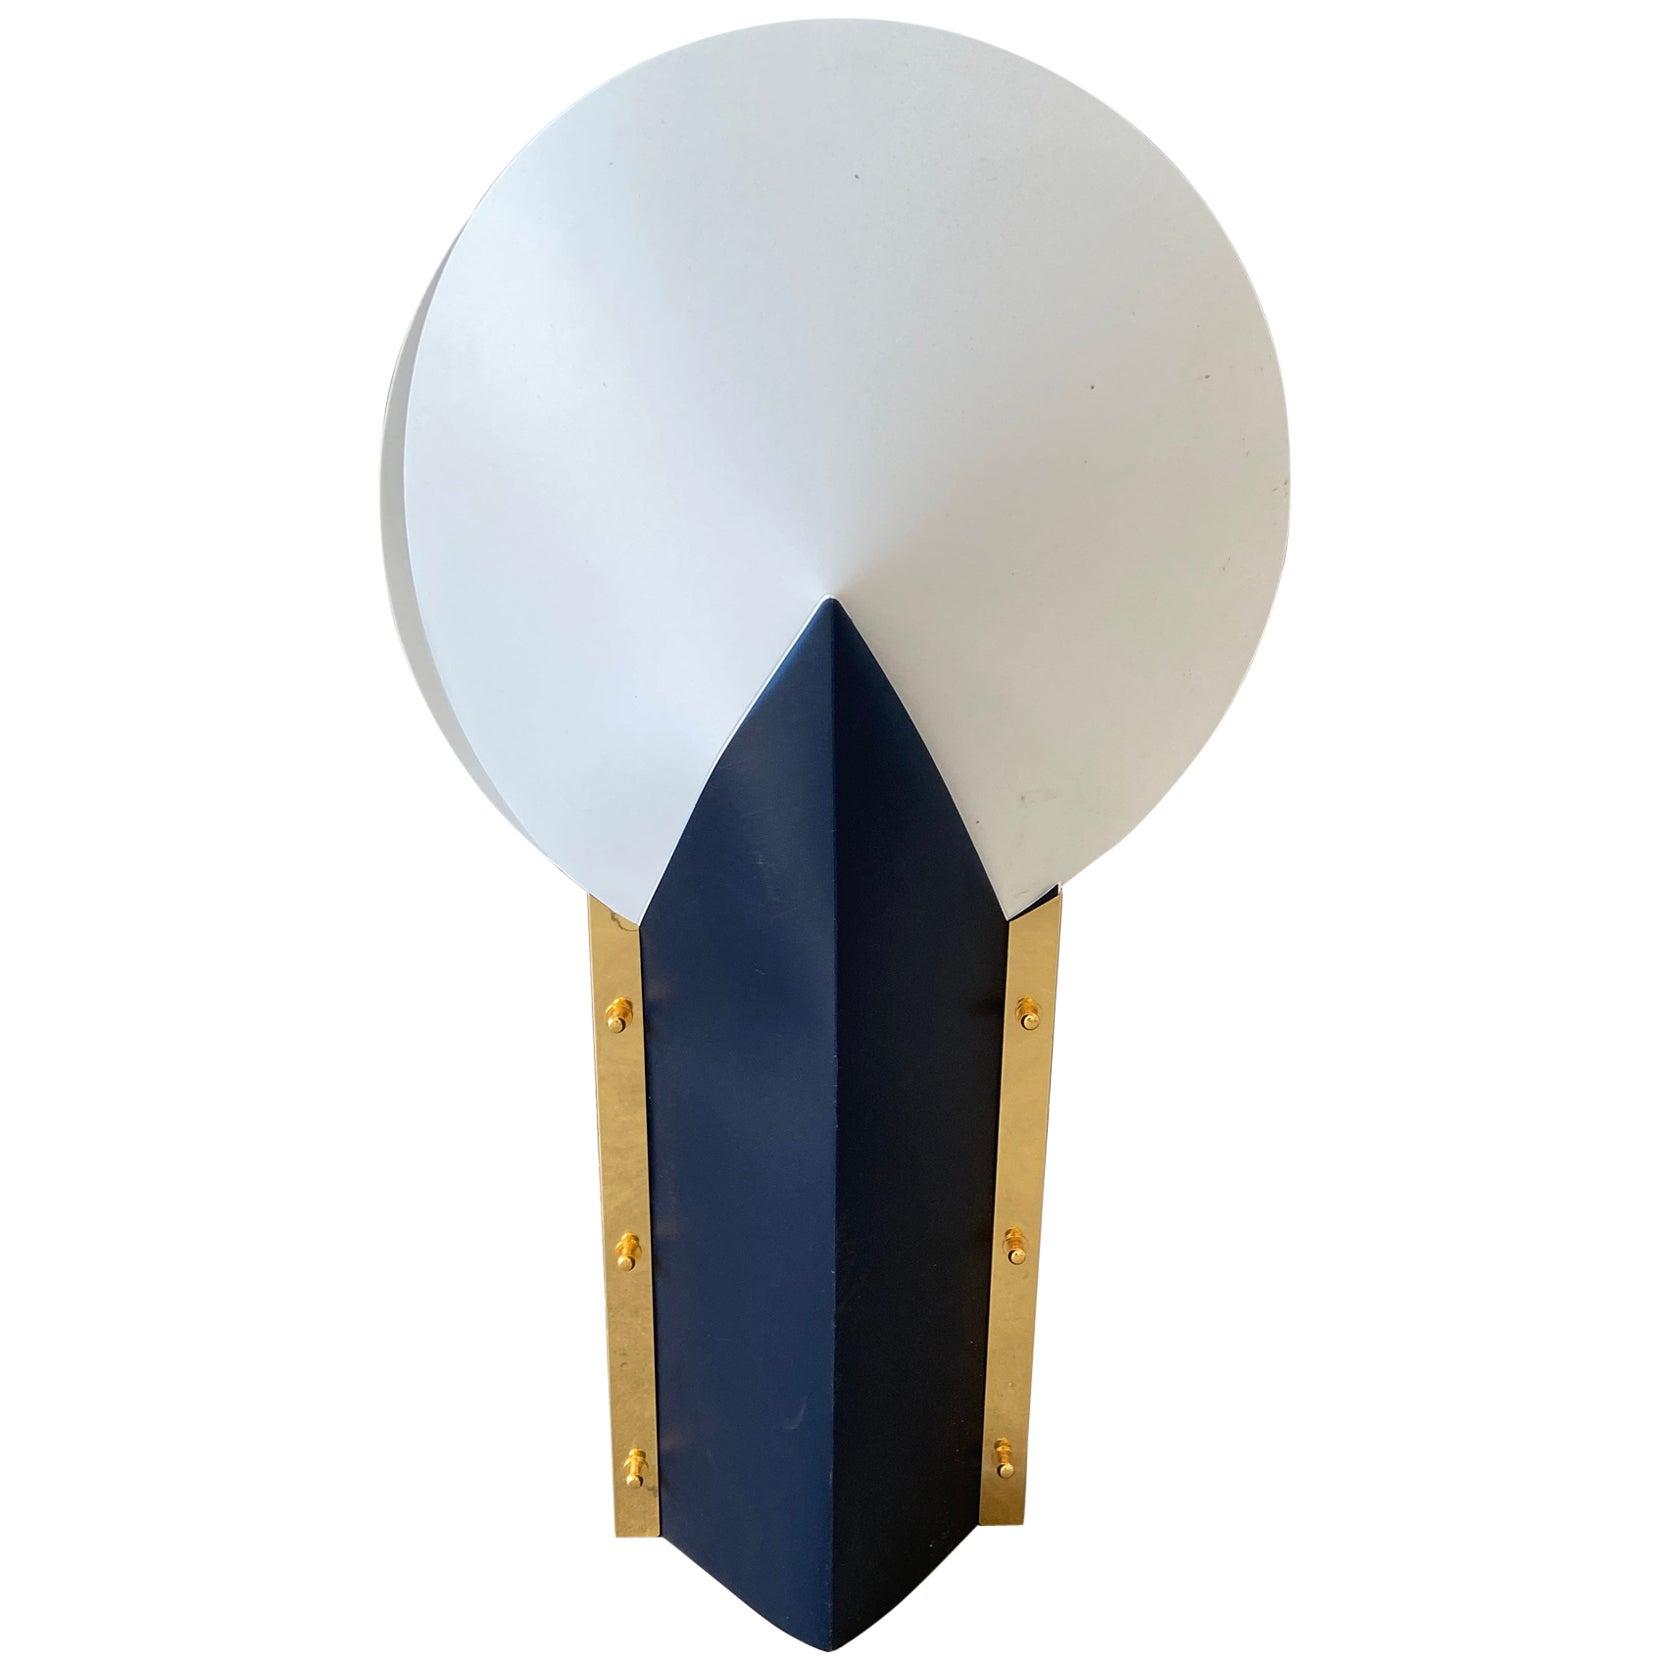 Mid-Century Modern Italian Table Lamp by Samuel Parker for Slamp, 1980s